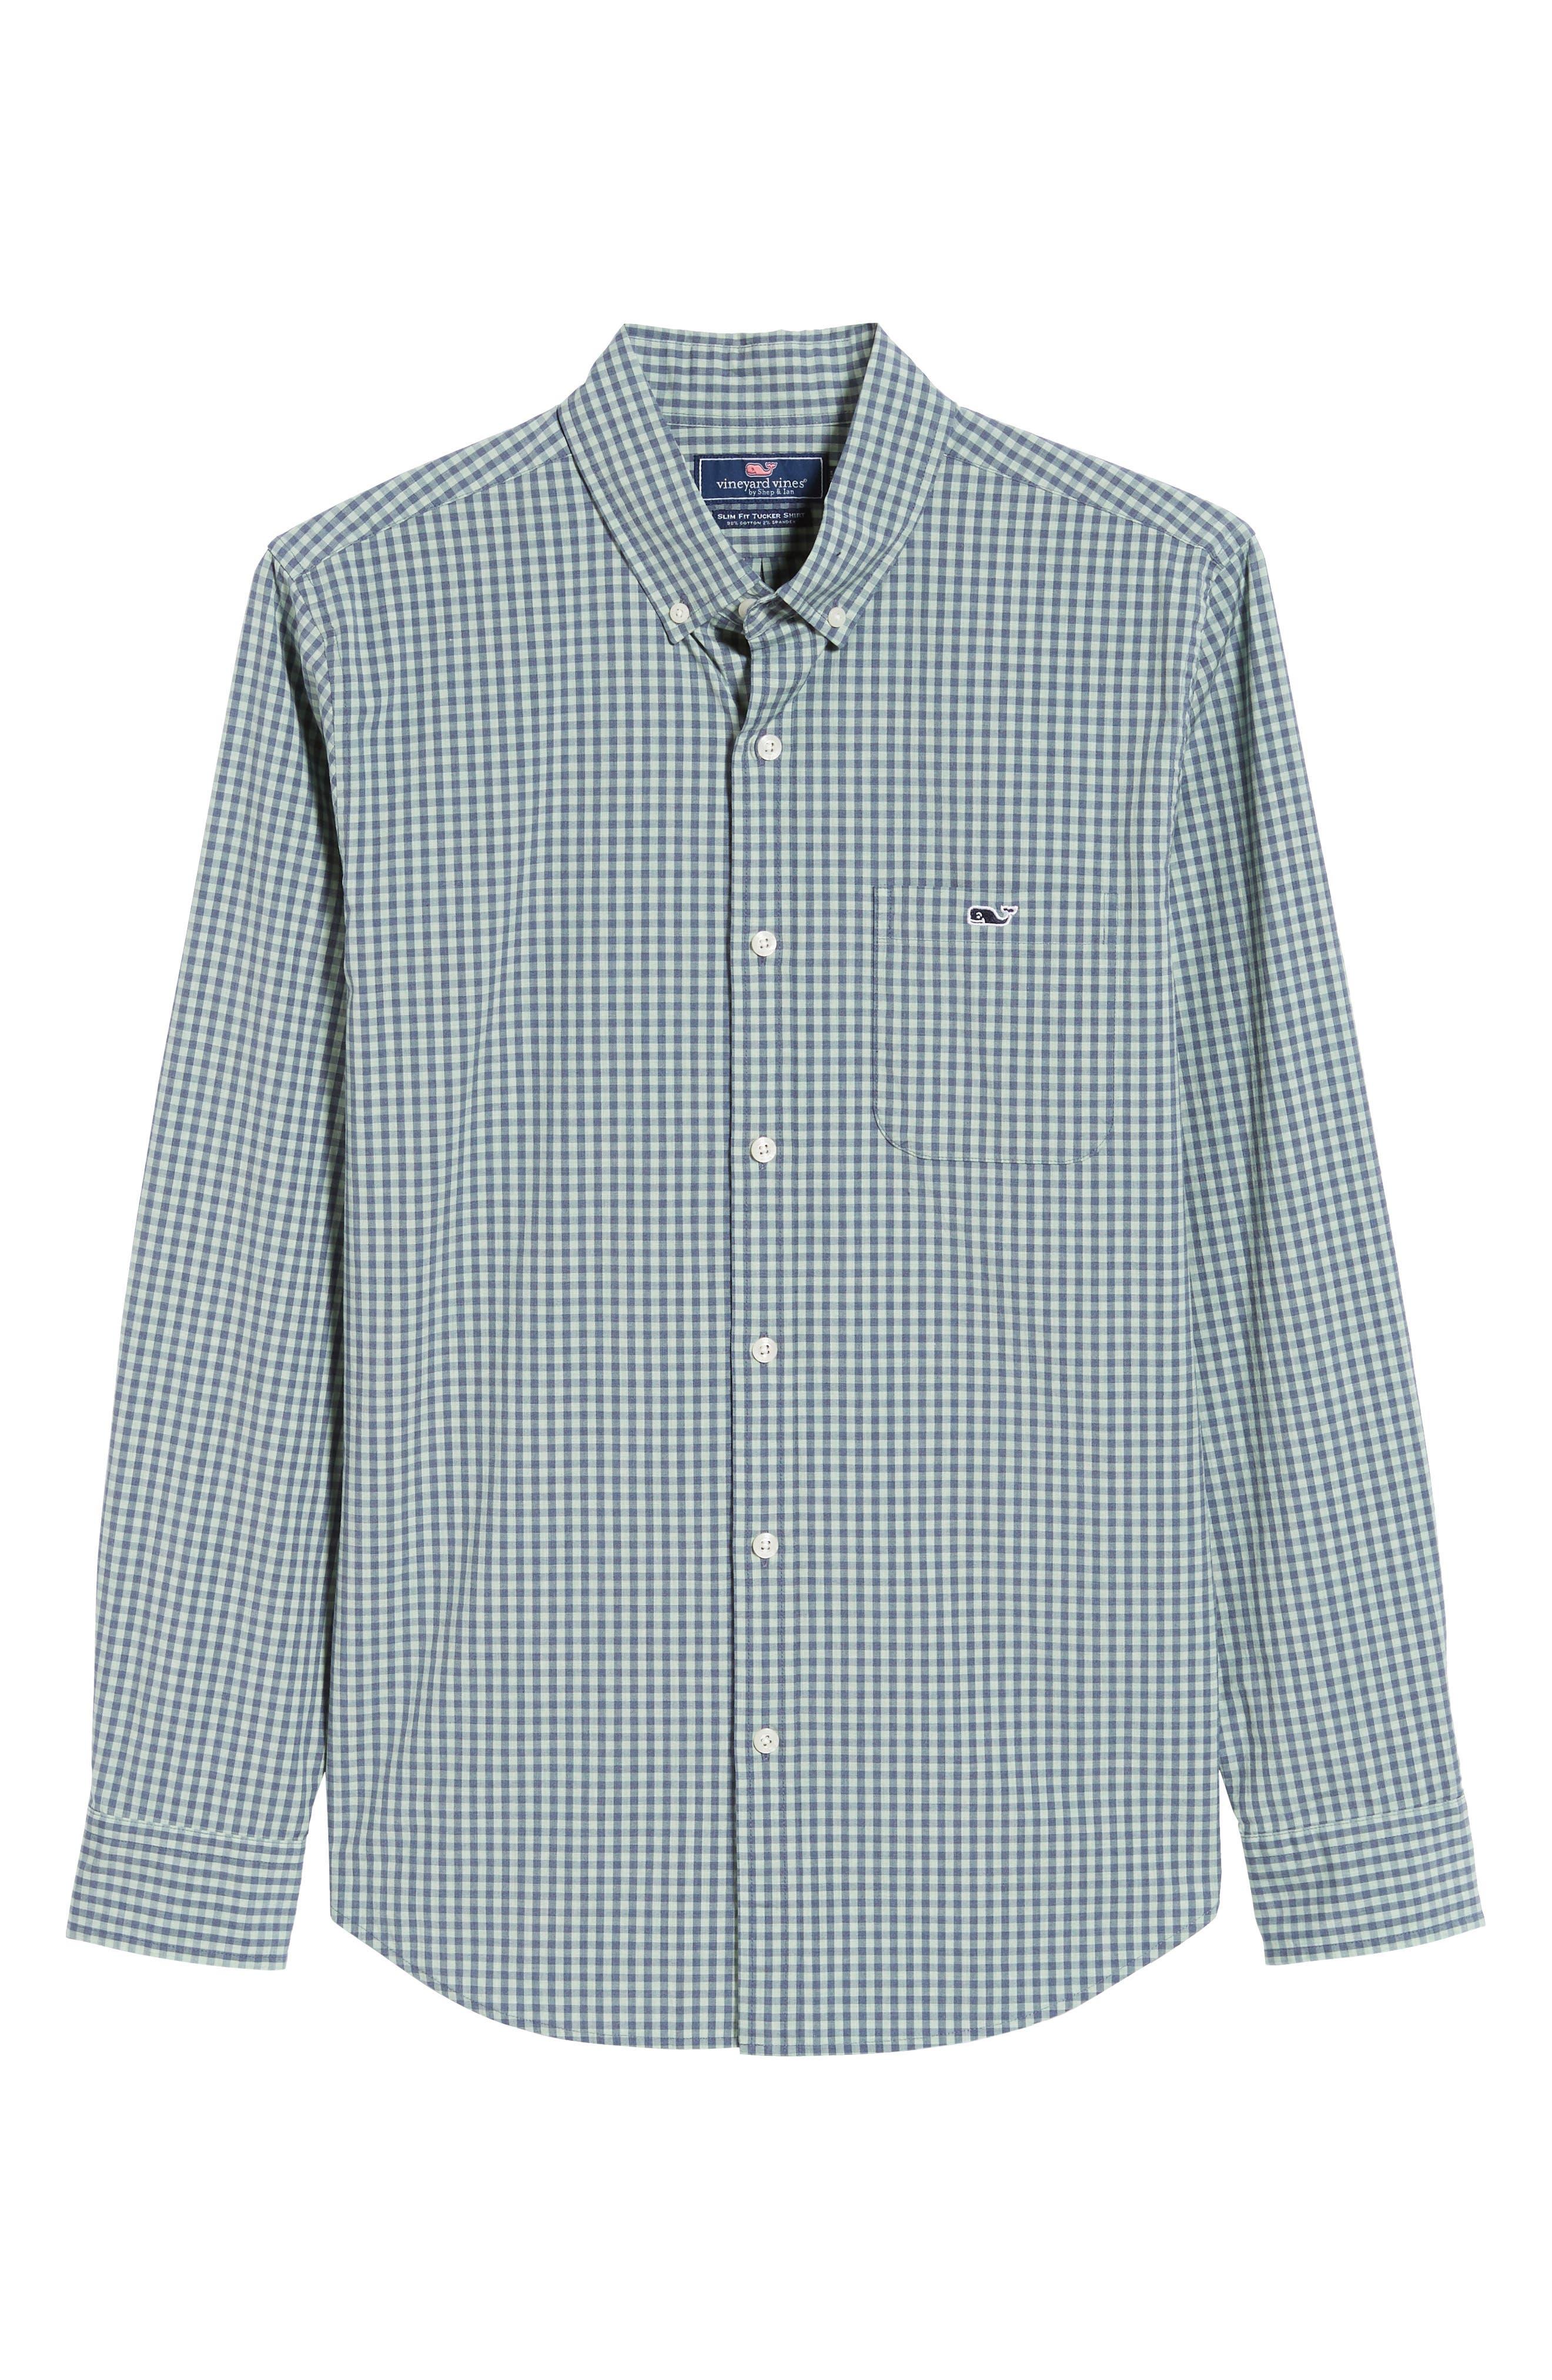 VINEYARD VINES, Gingham Check Sport Shirt, Alternate thumbnail 5, color, 362